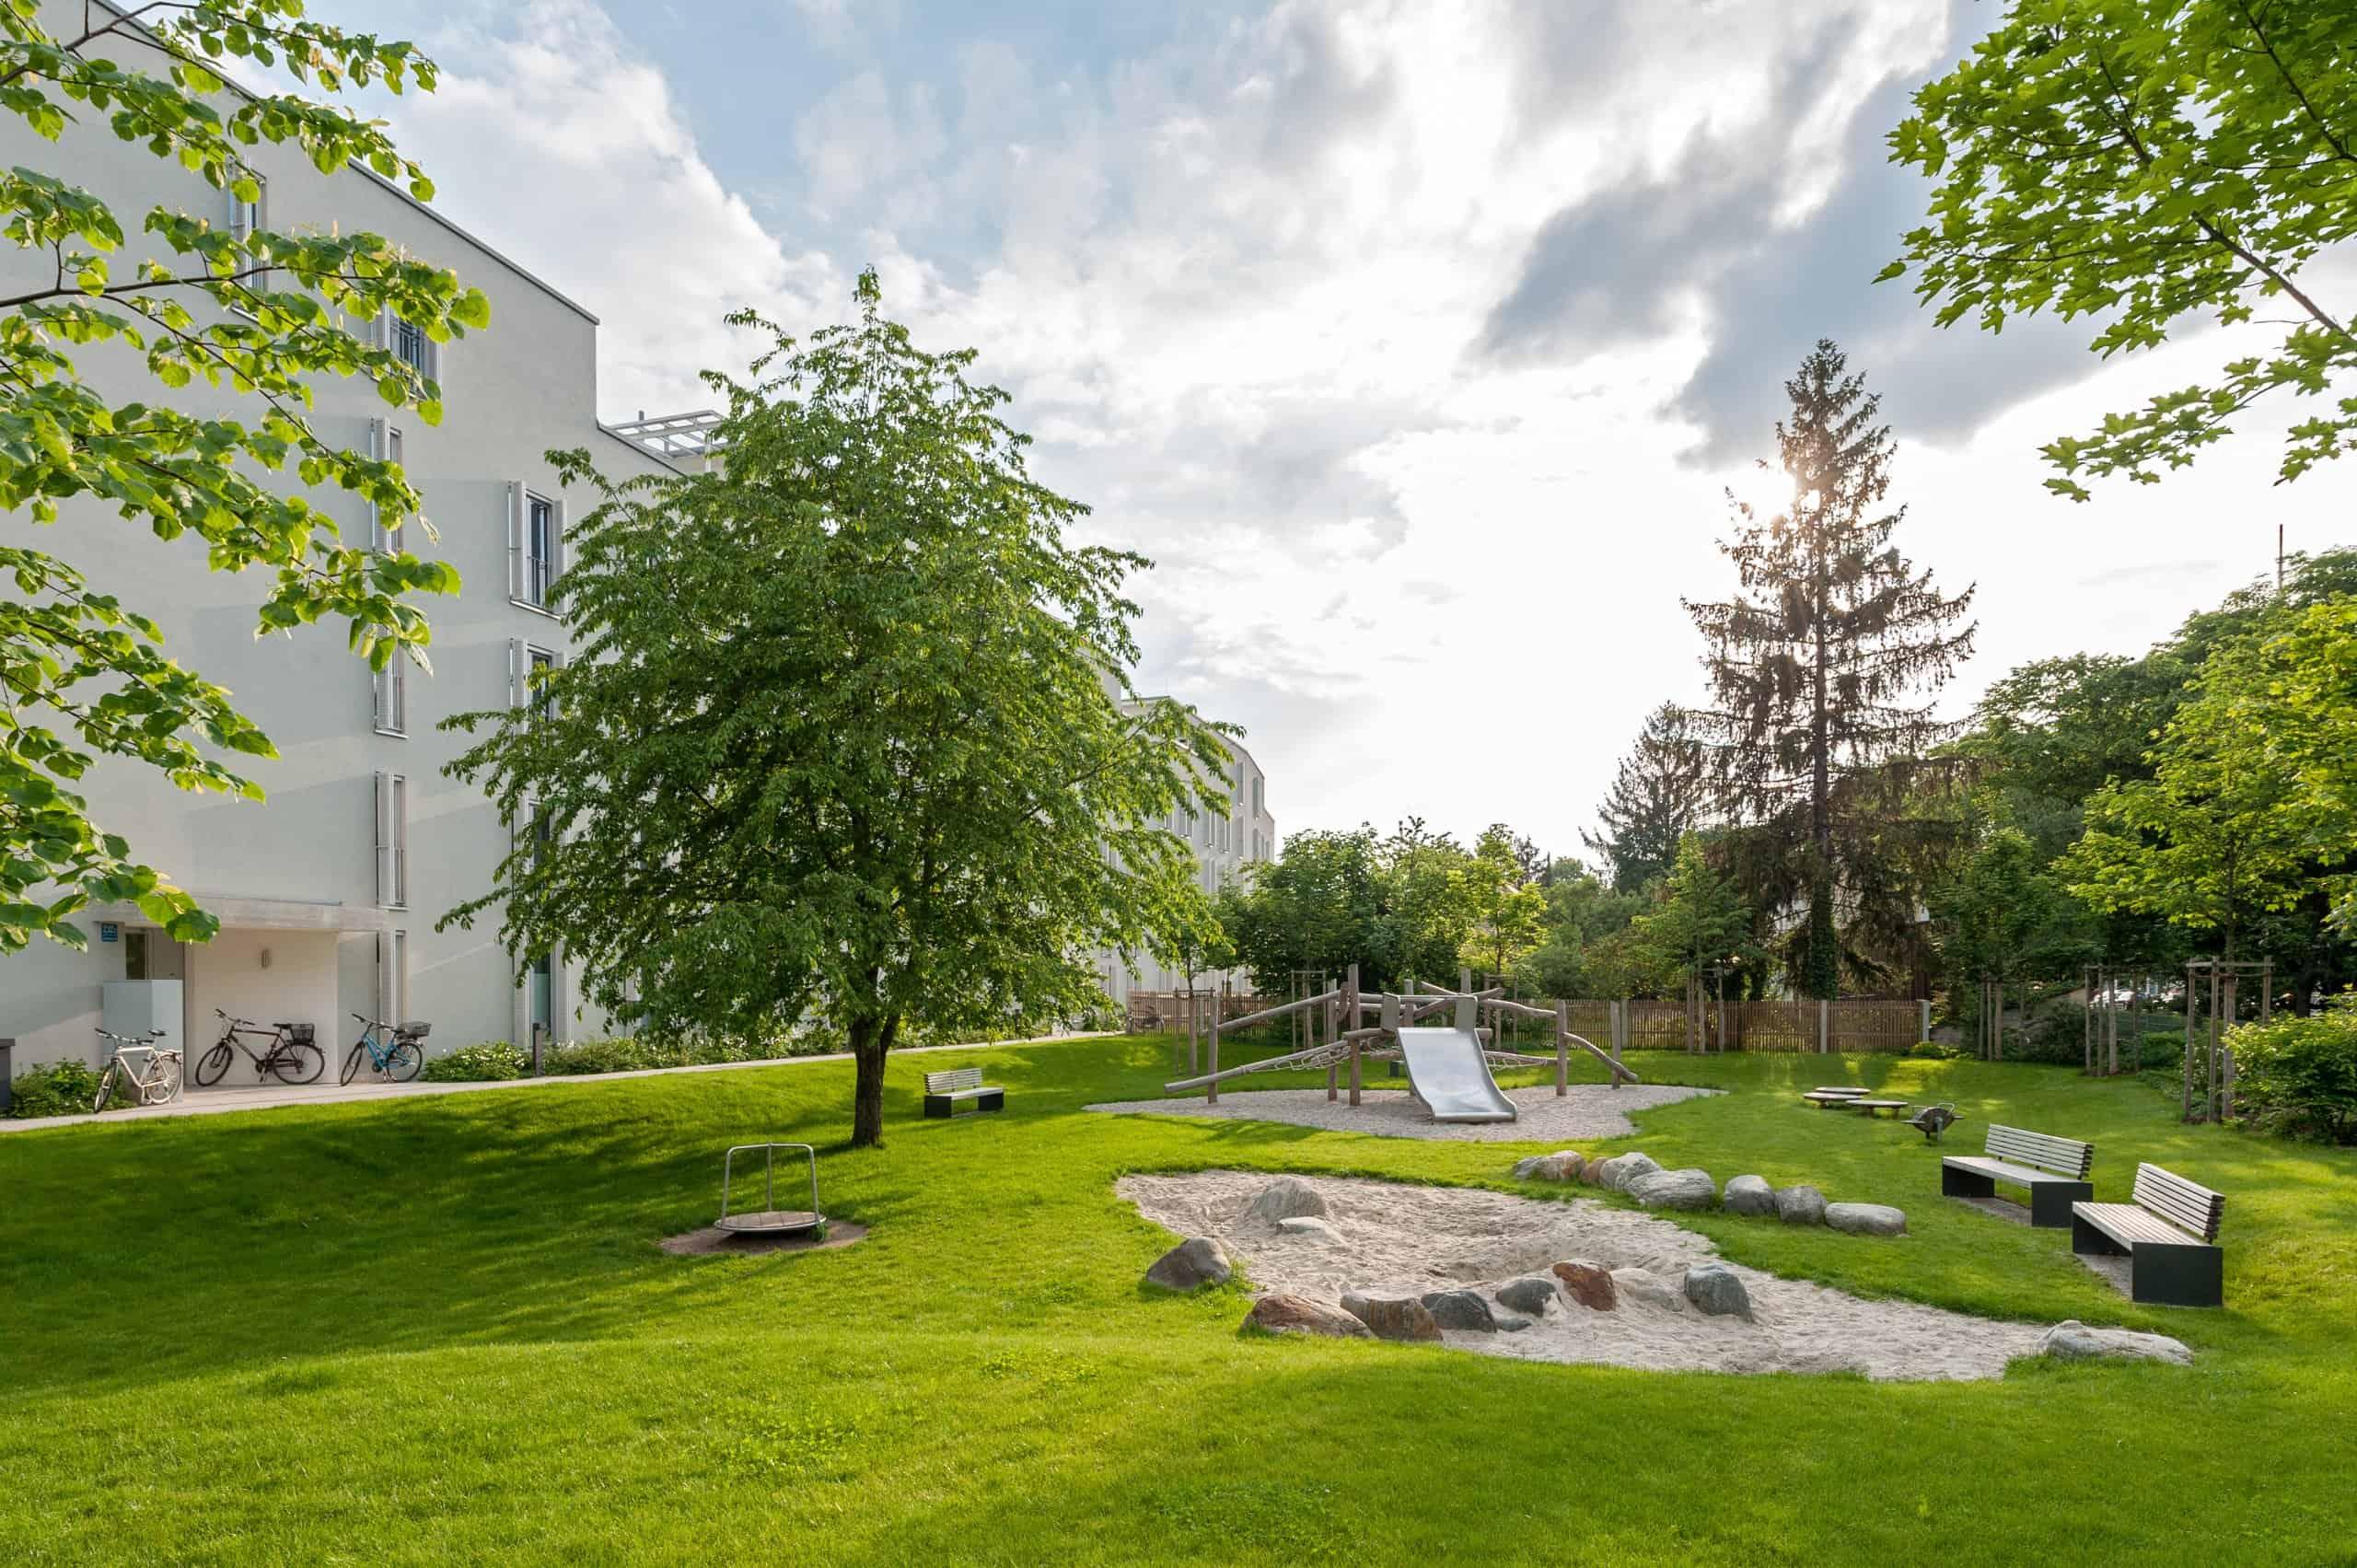 Bild: Landschaftlich gestalteter Spielplatz am Grünzug, Foto: Johann Hinrichs Photography